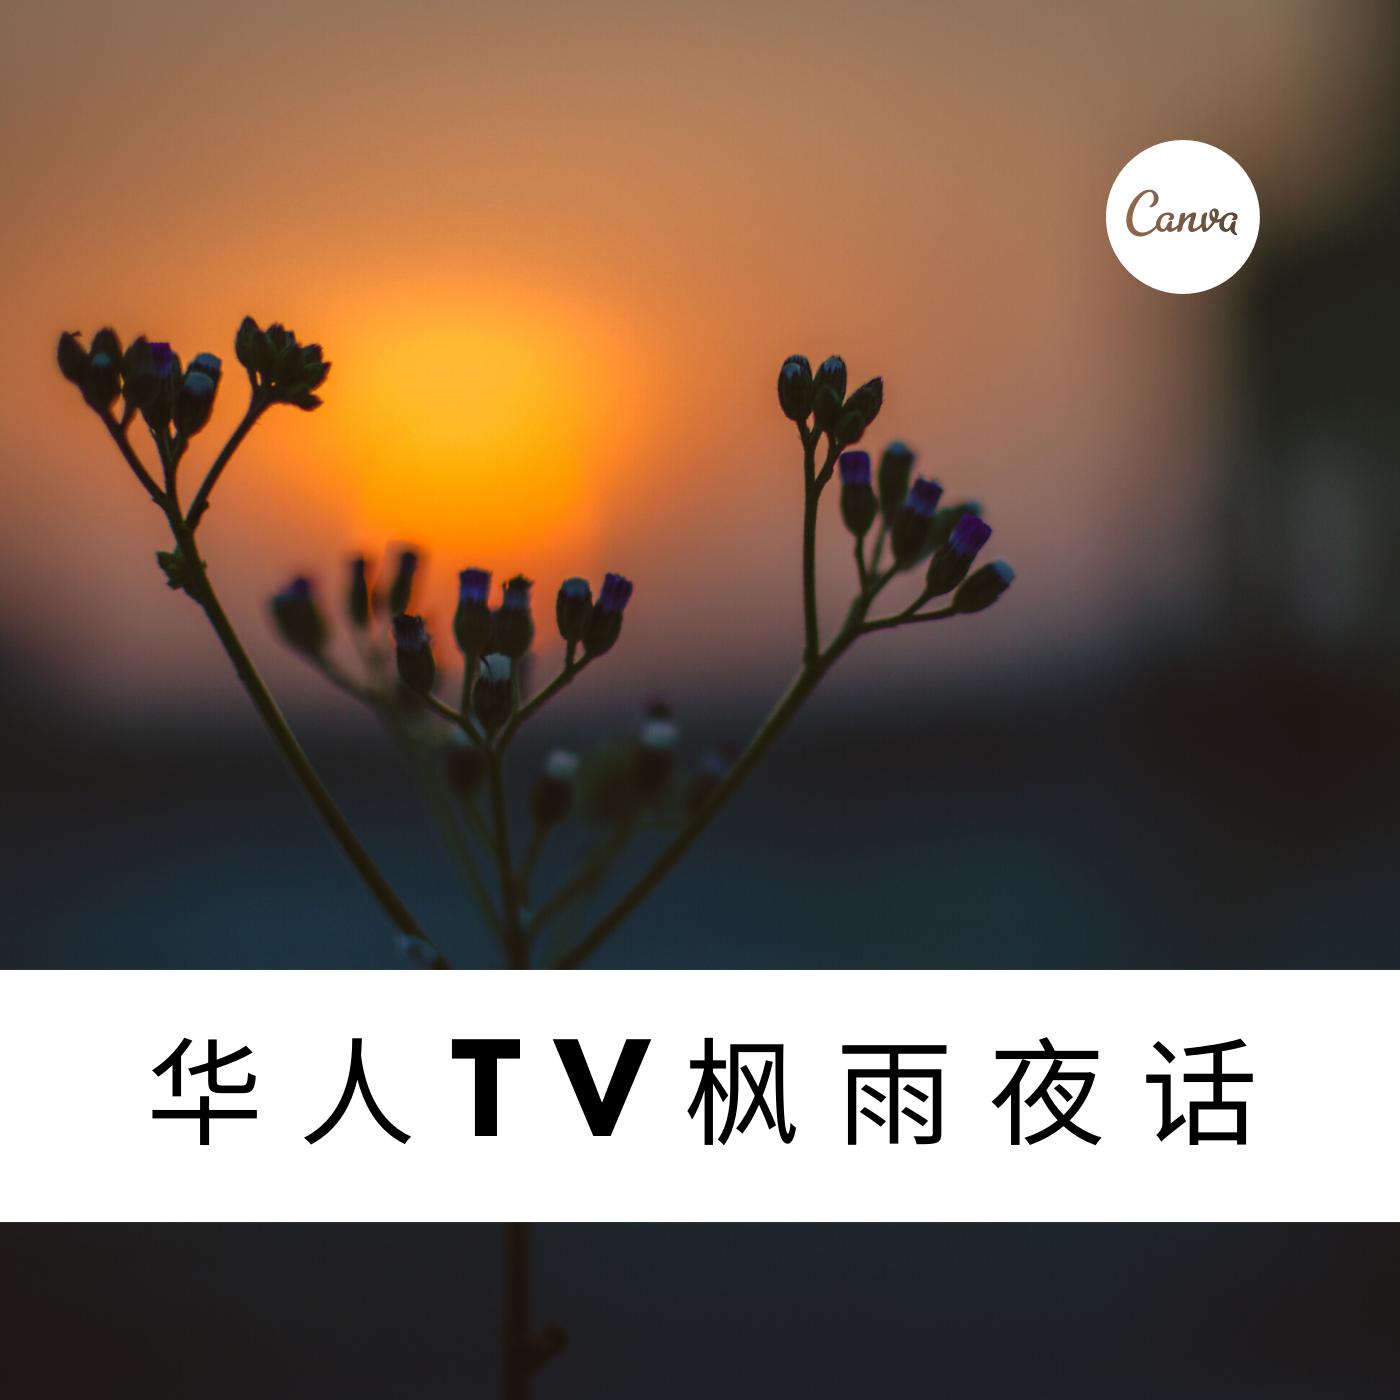 华人TV枫雨夜话